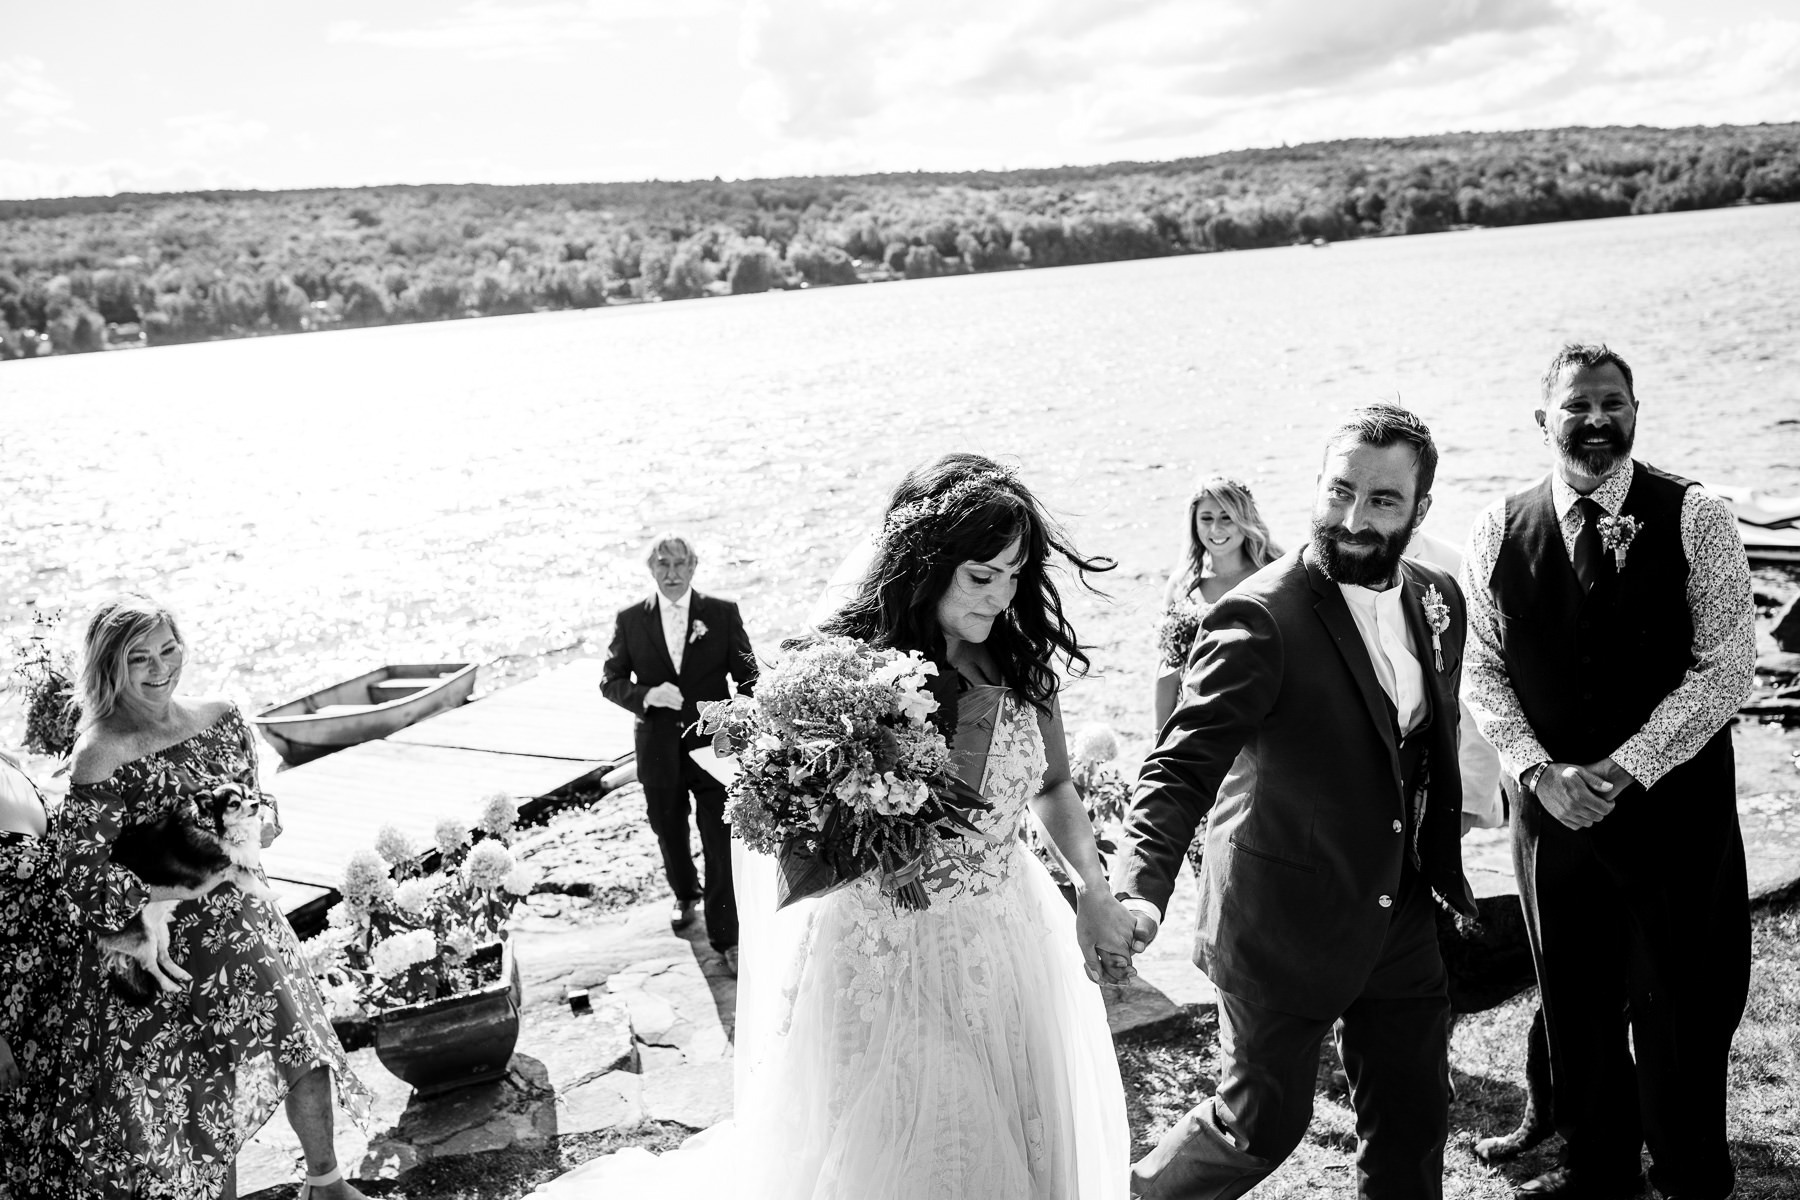 Cérémonie d'éloignement du lac Adirondacks NY Photo | Les mariés quittant leur cérémonie de mariage au bord du lac